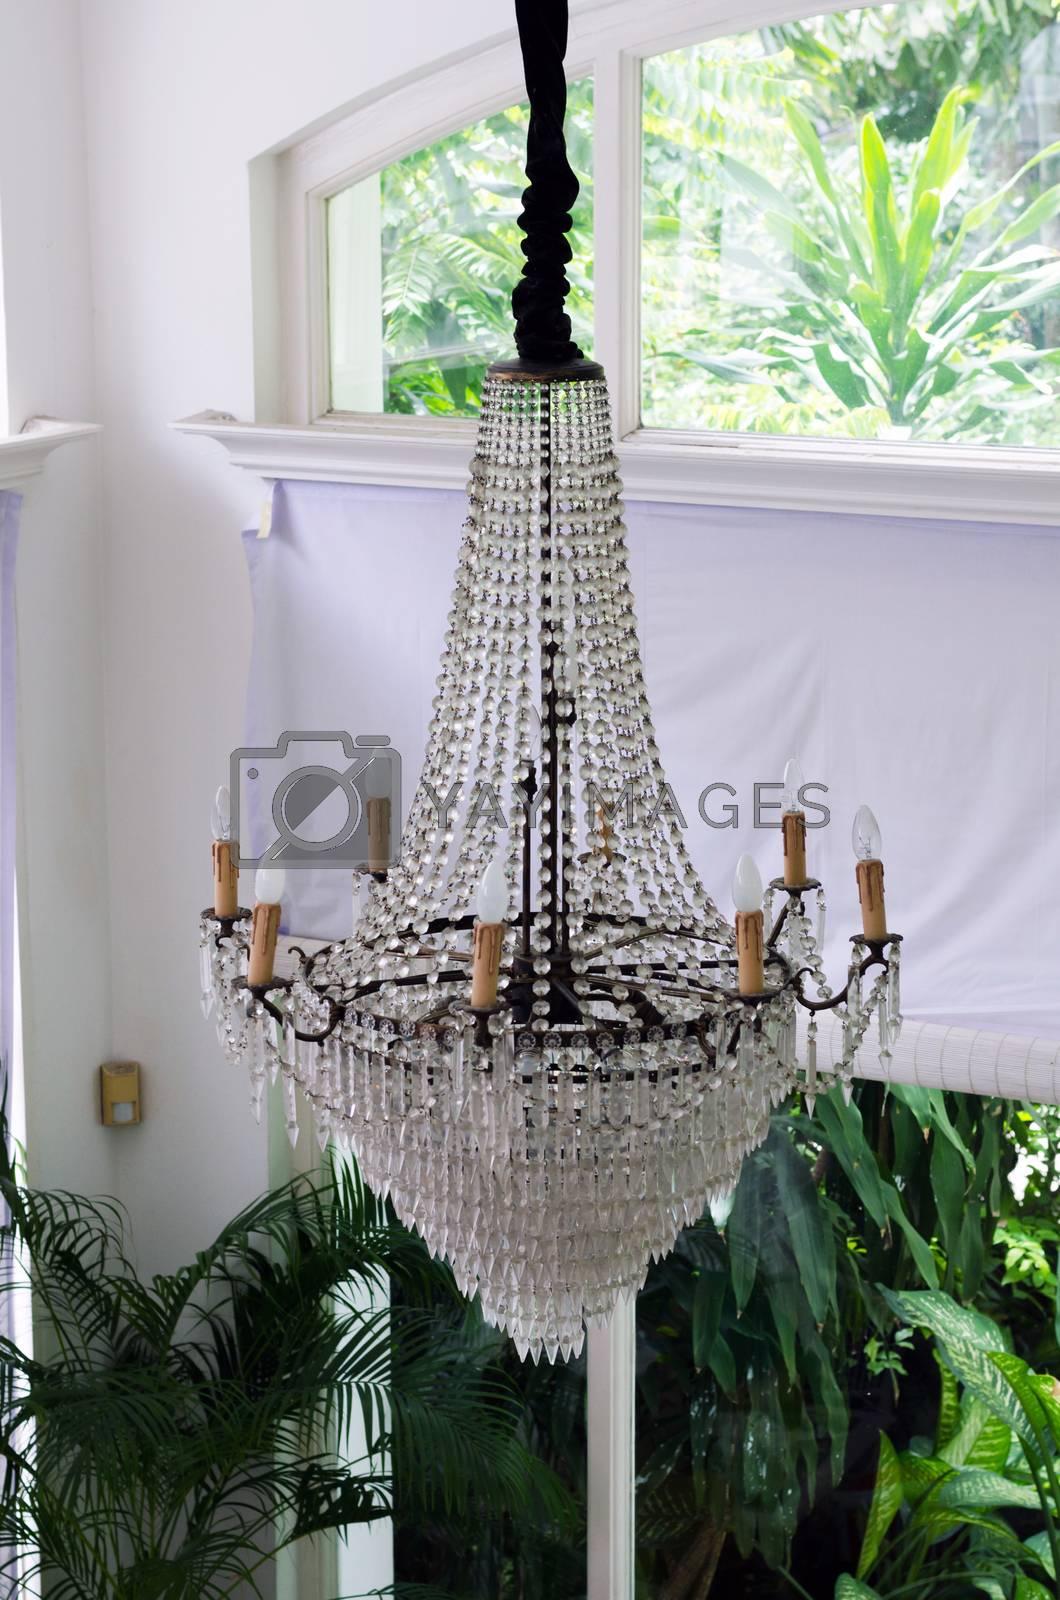 Luxury chandelier in vintage room